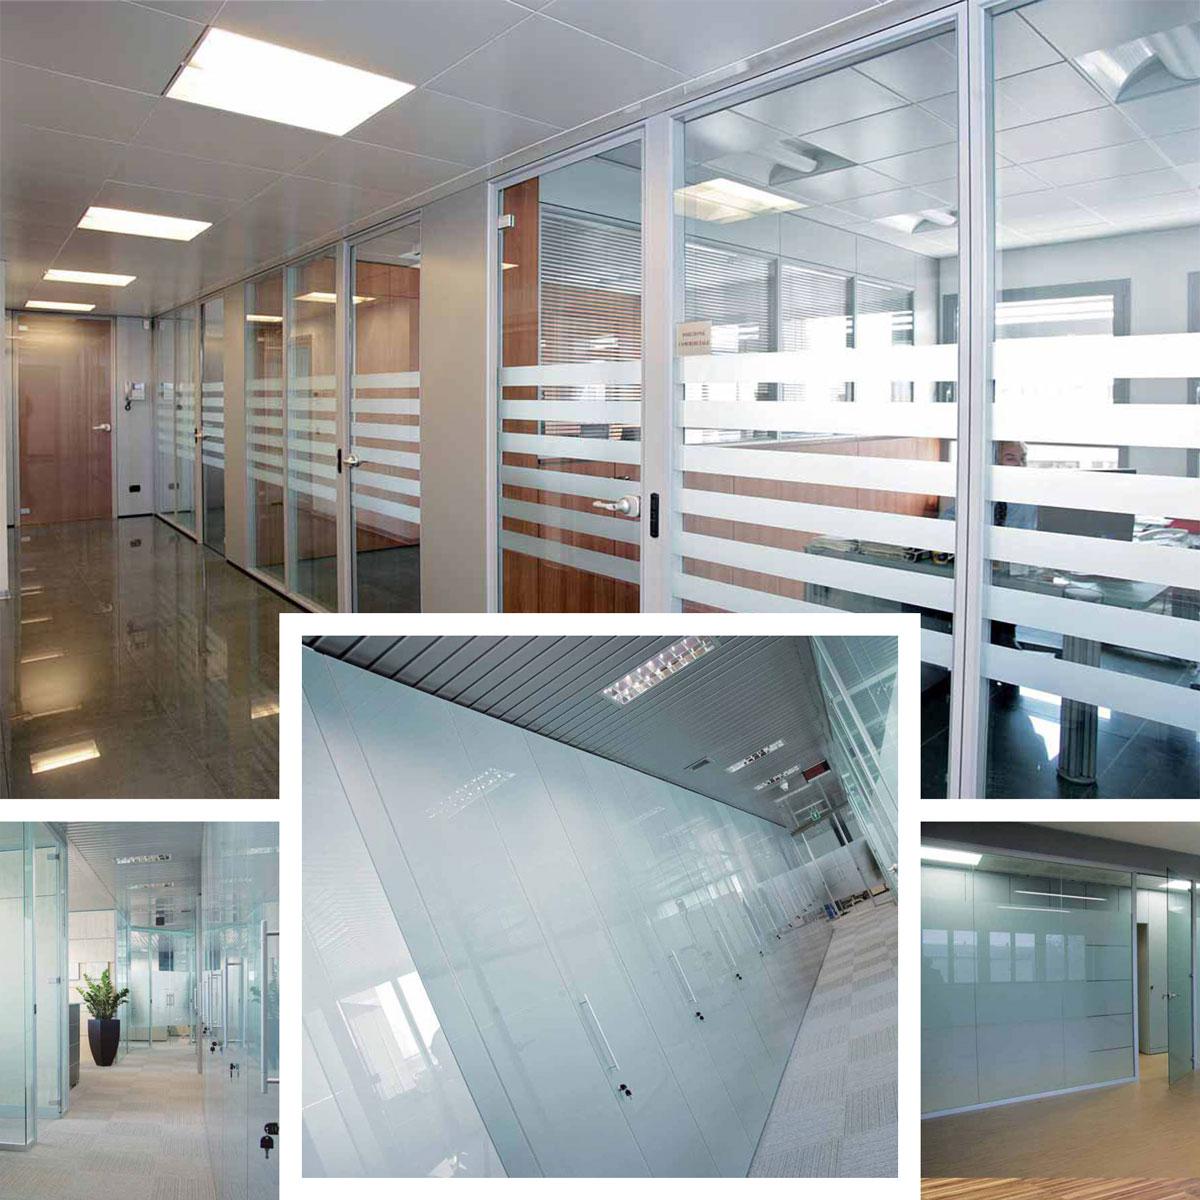 Pareti Divisorie In Vetro Per Uffici : Pareti mobili in vetro per uffici luminosi ed eleganti